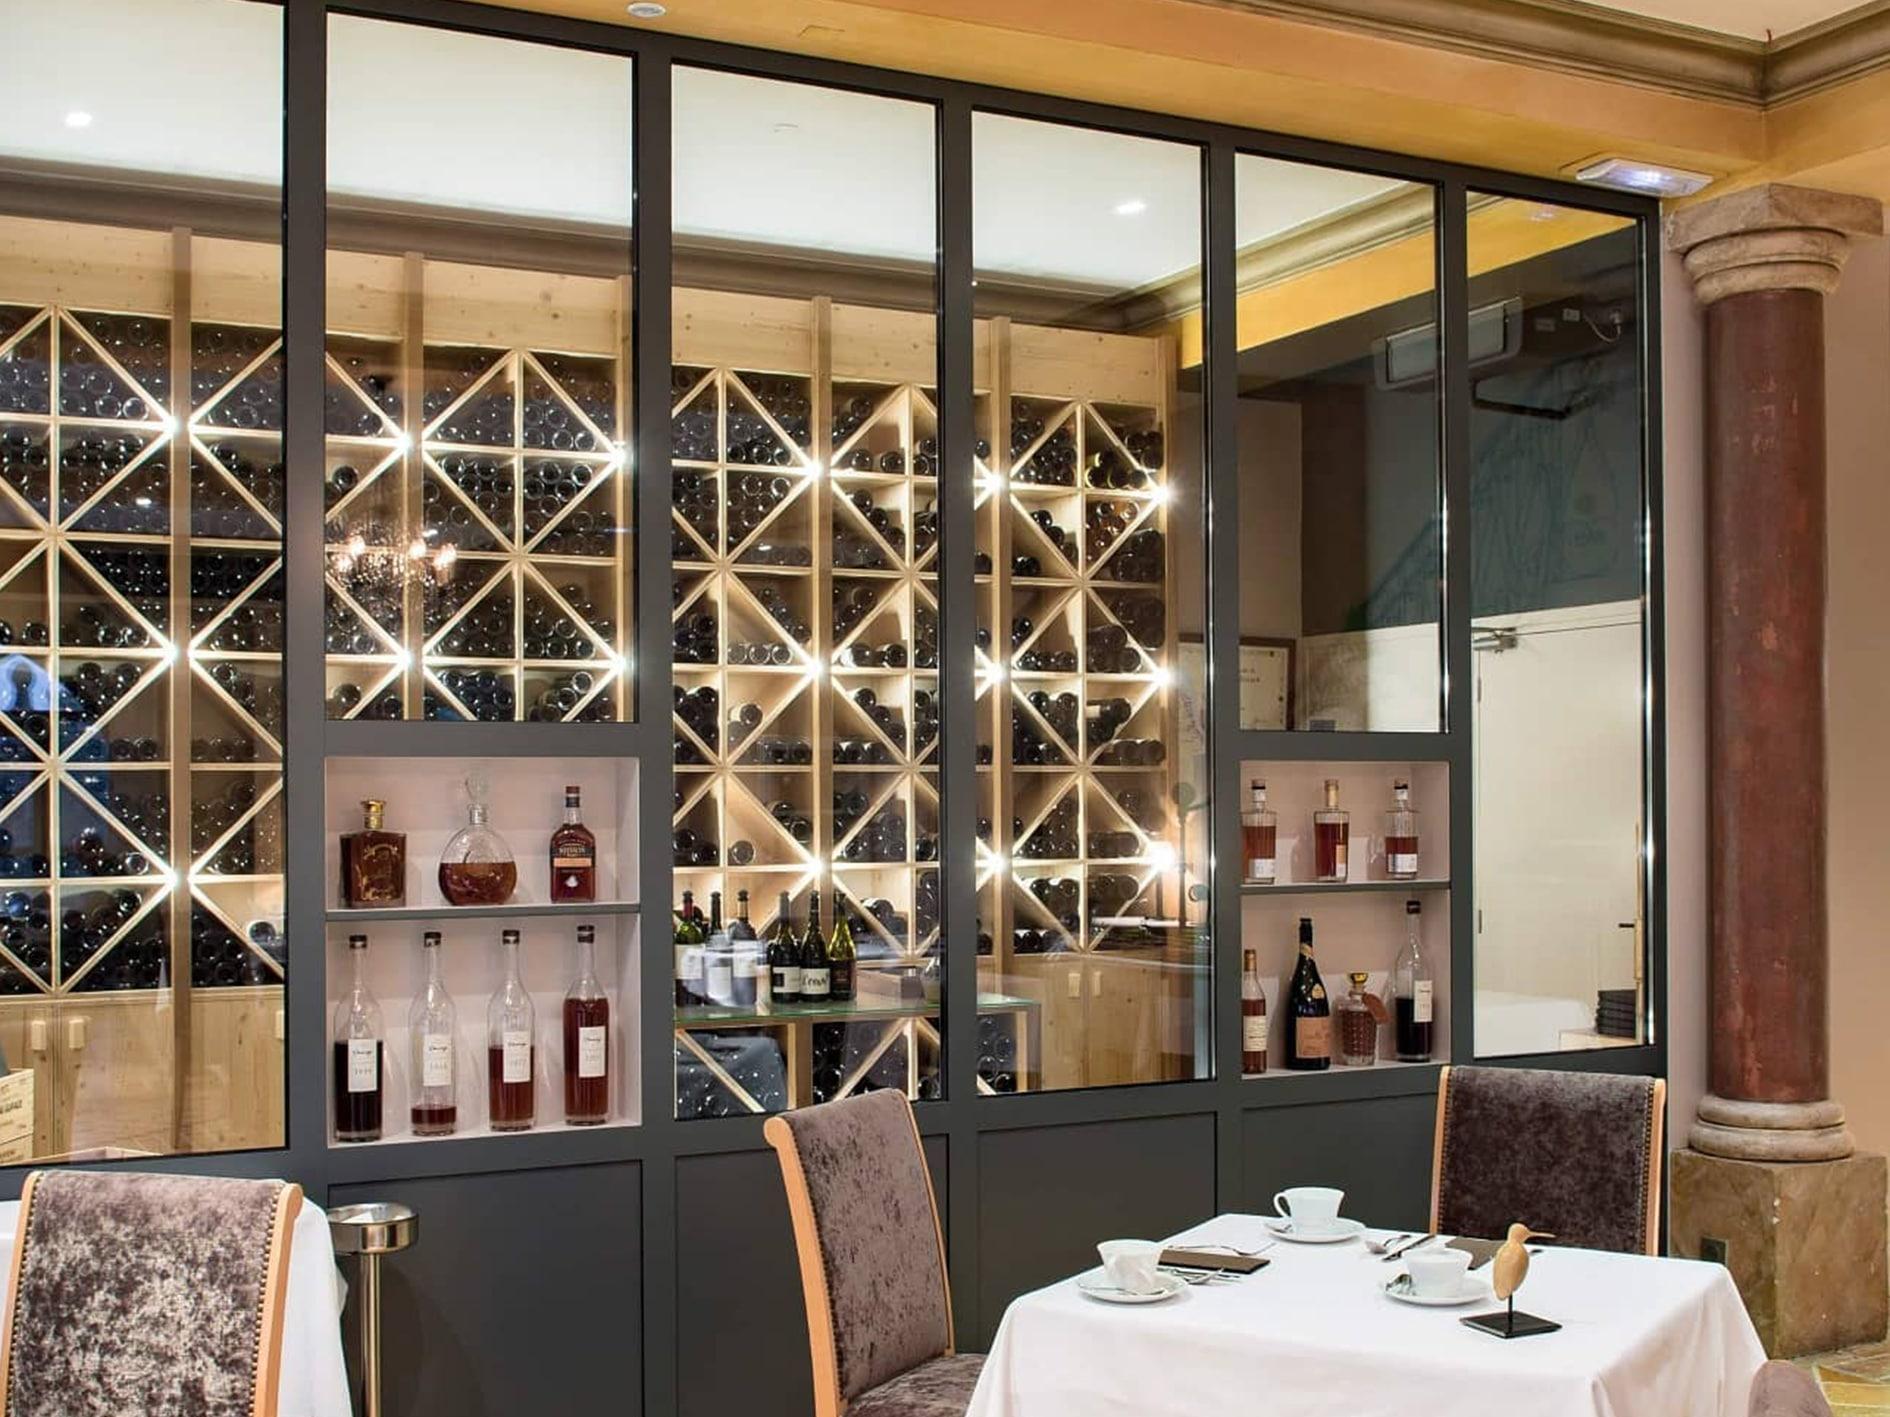 es vigiers salle-restaurant-banquet